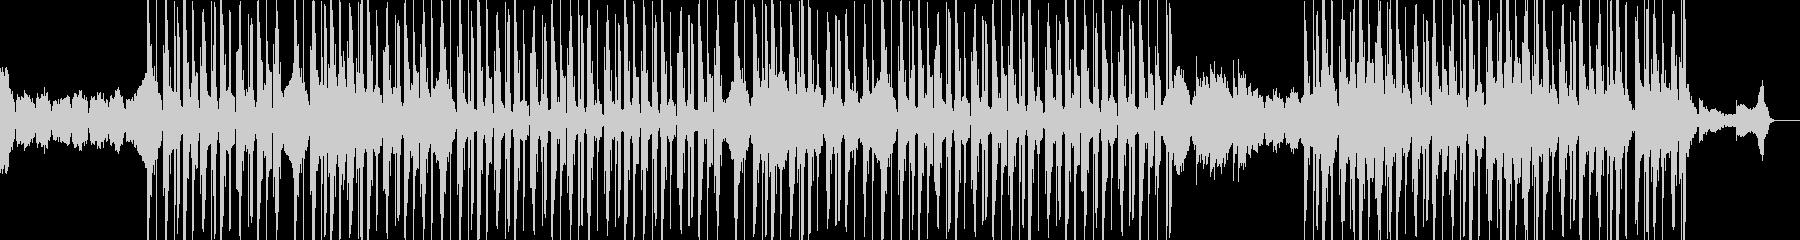 切ないメロディの寒空ヒップホップの未再生の波形